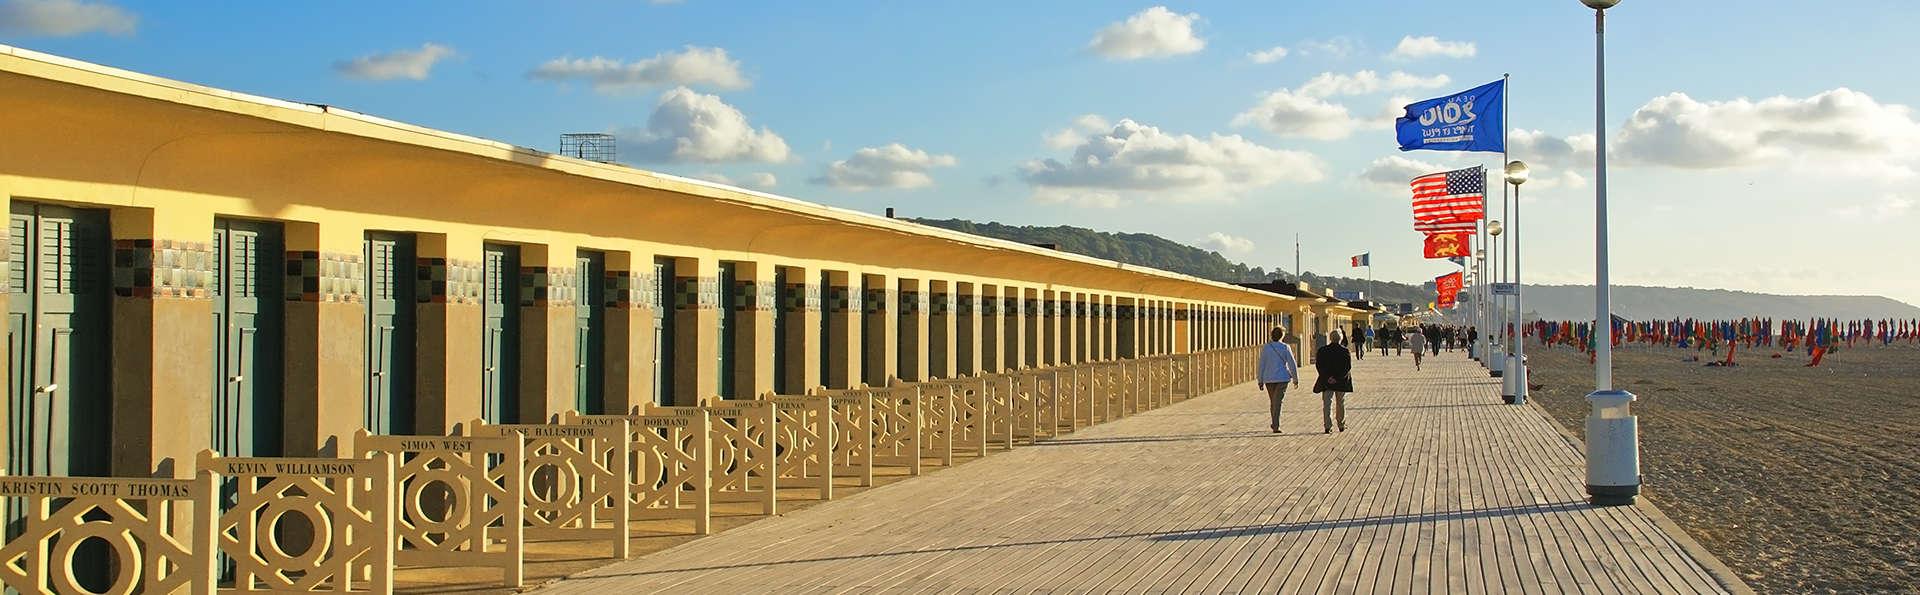 Hôtel Barrière Le Royal Deauville - EDIT_destination1.jpg